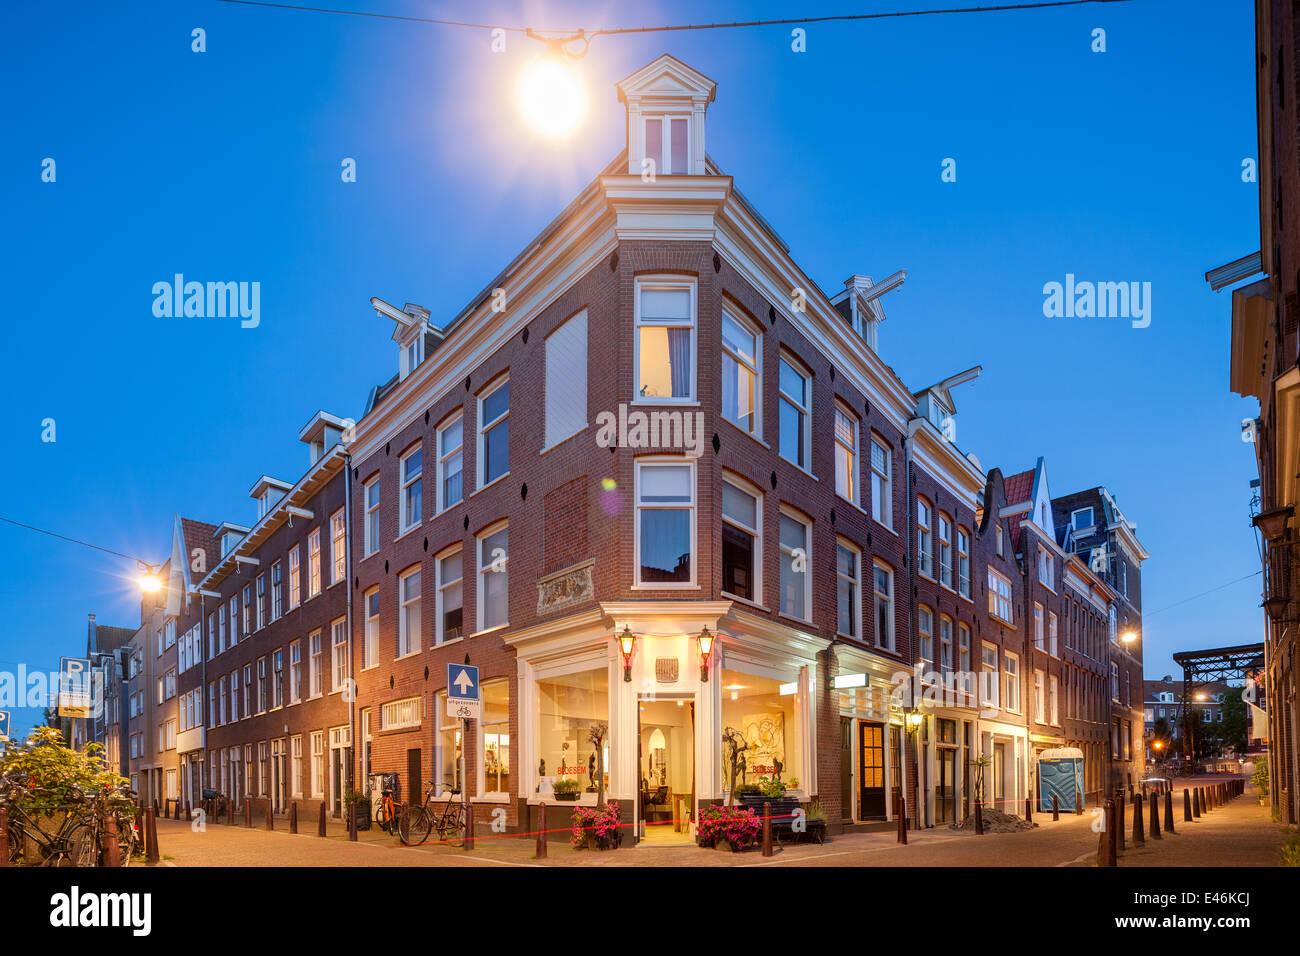 Bloesem Restaurant Amsterdam Jordaan. L'inspiration pour le personnage de Oranjee dans le défaut de notre Photo Stock